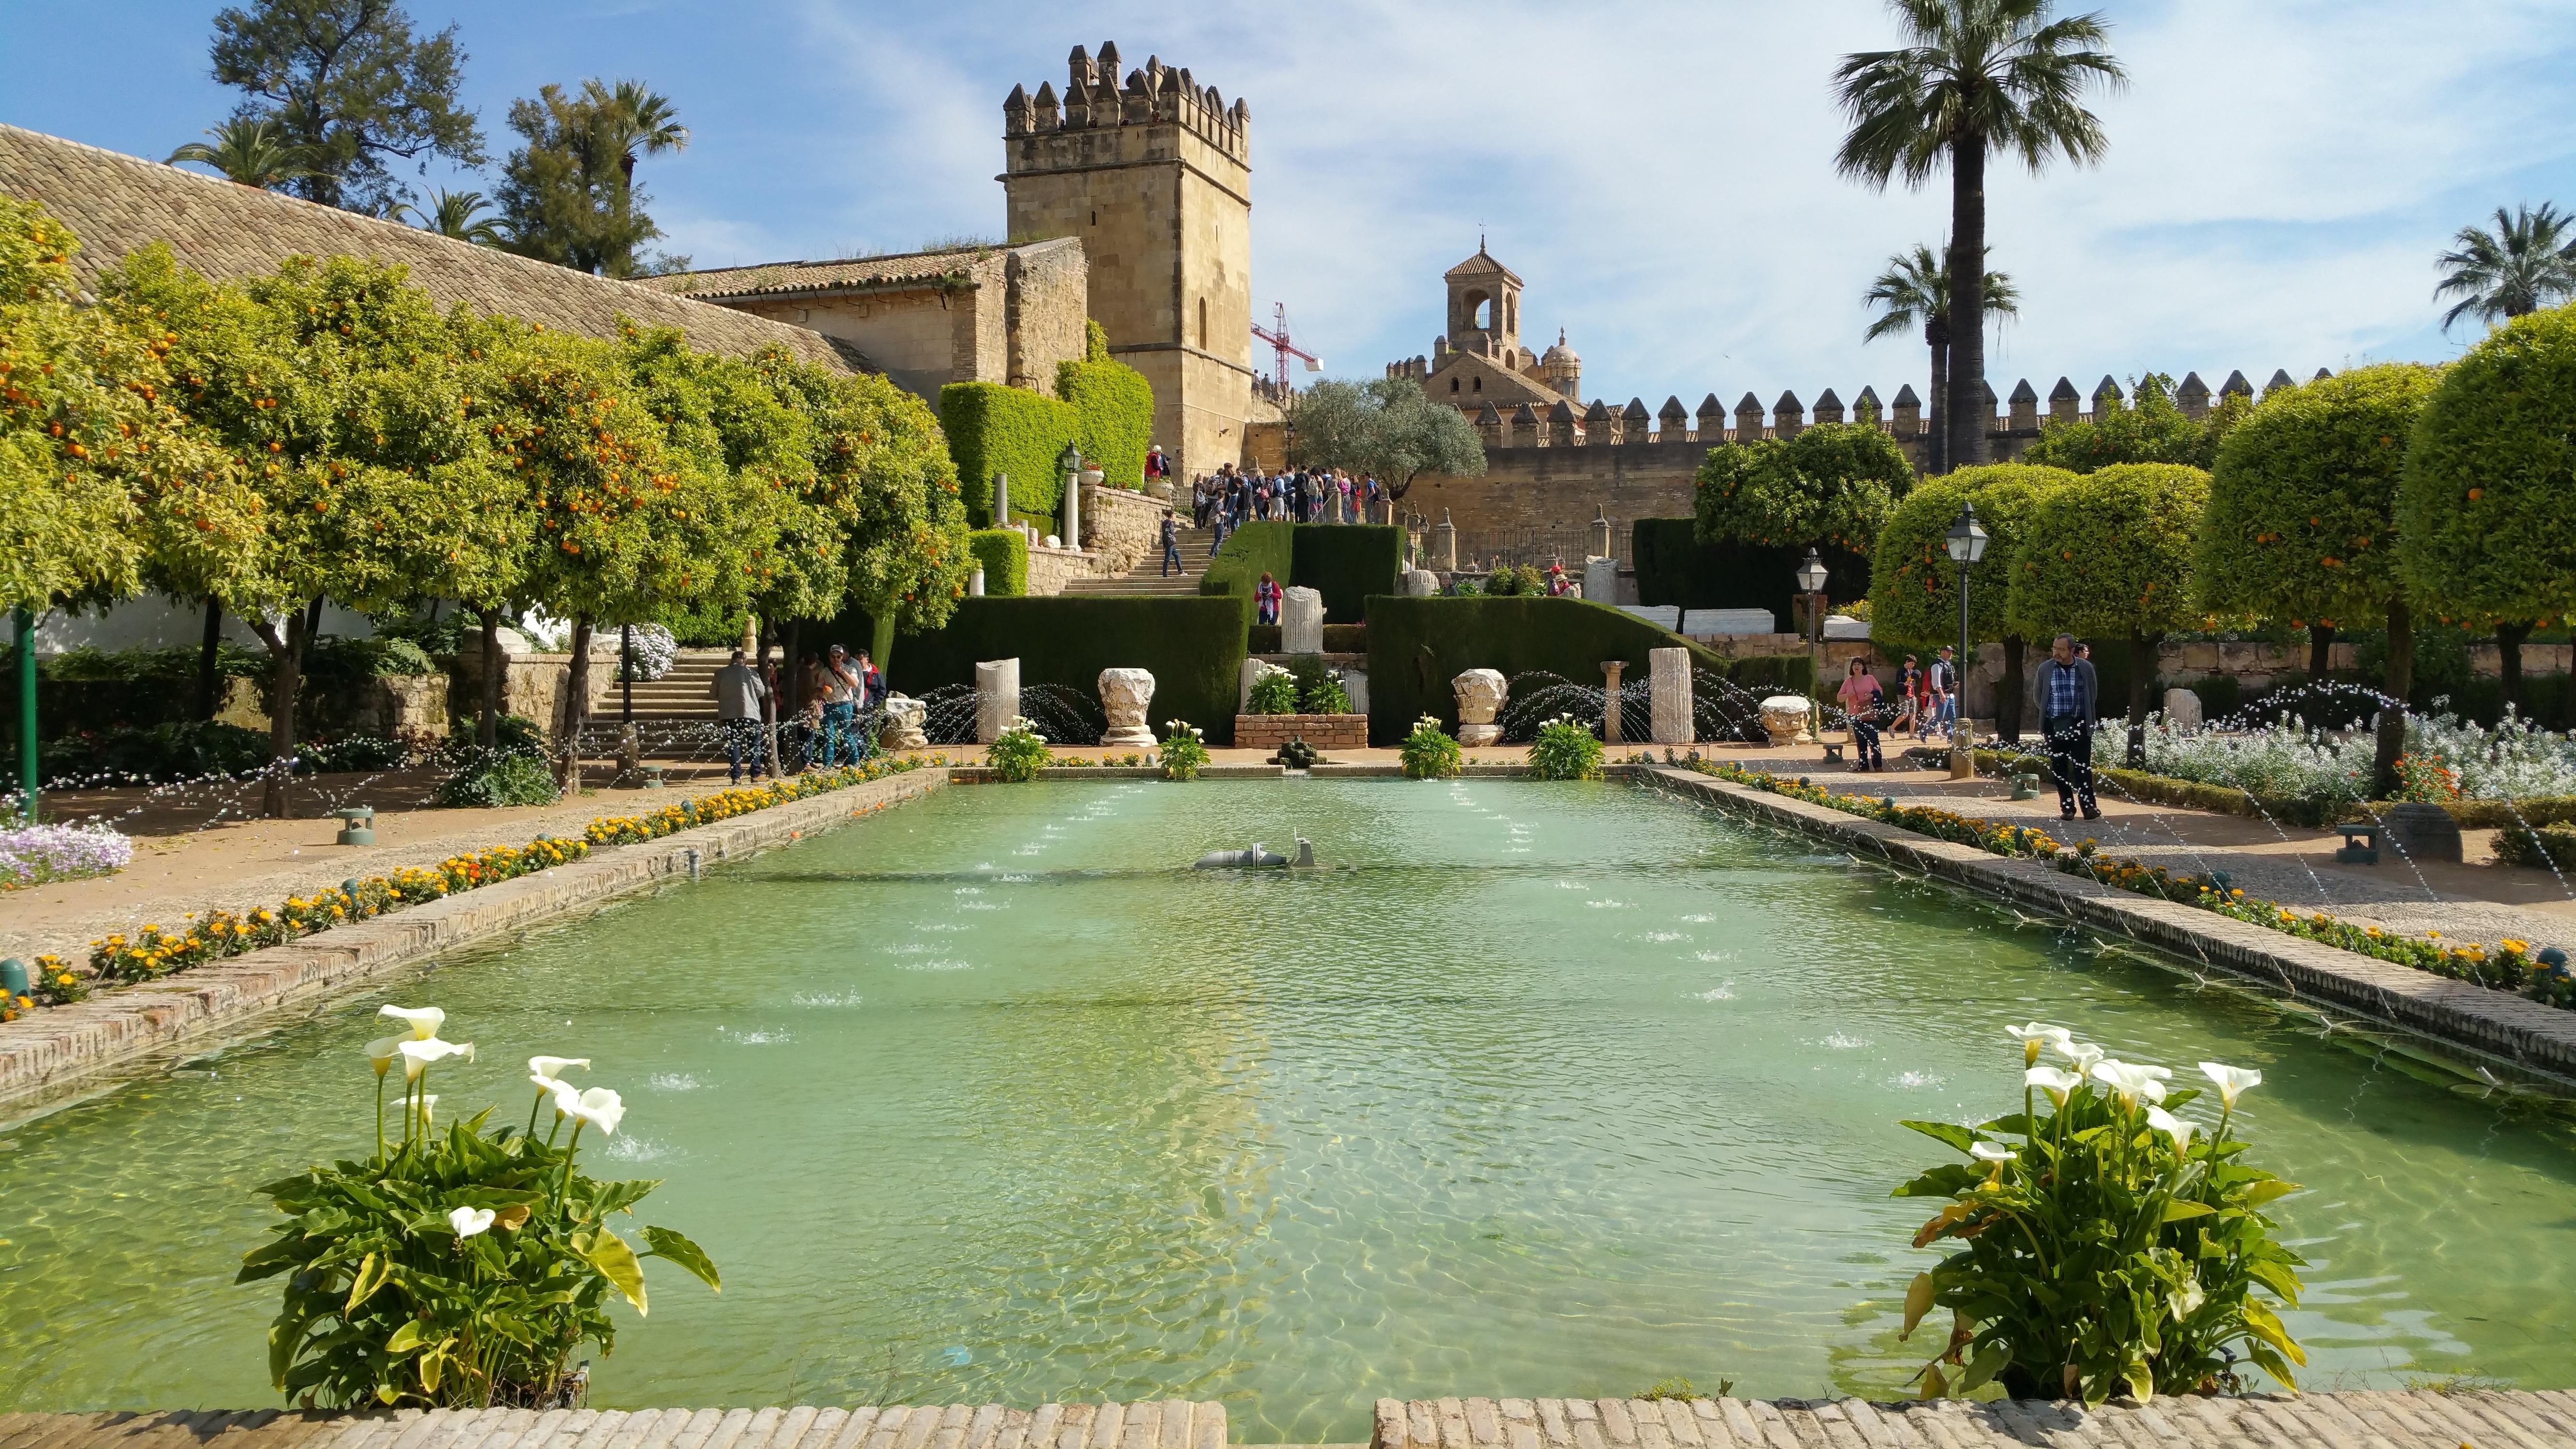 Fotos gratis villa palacio castillo piscina for Piscinas jardin cordoba